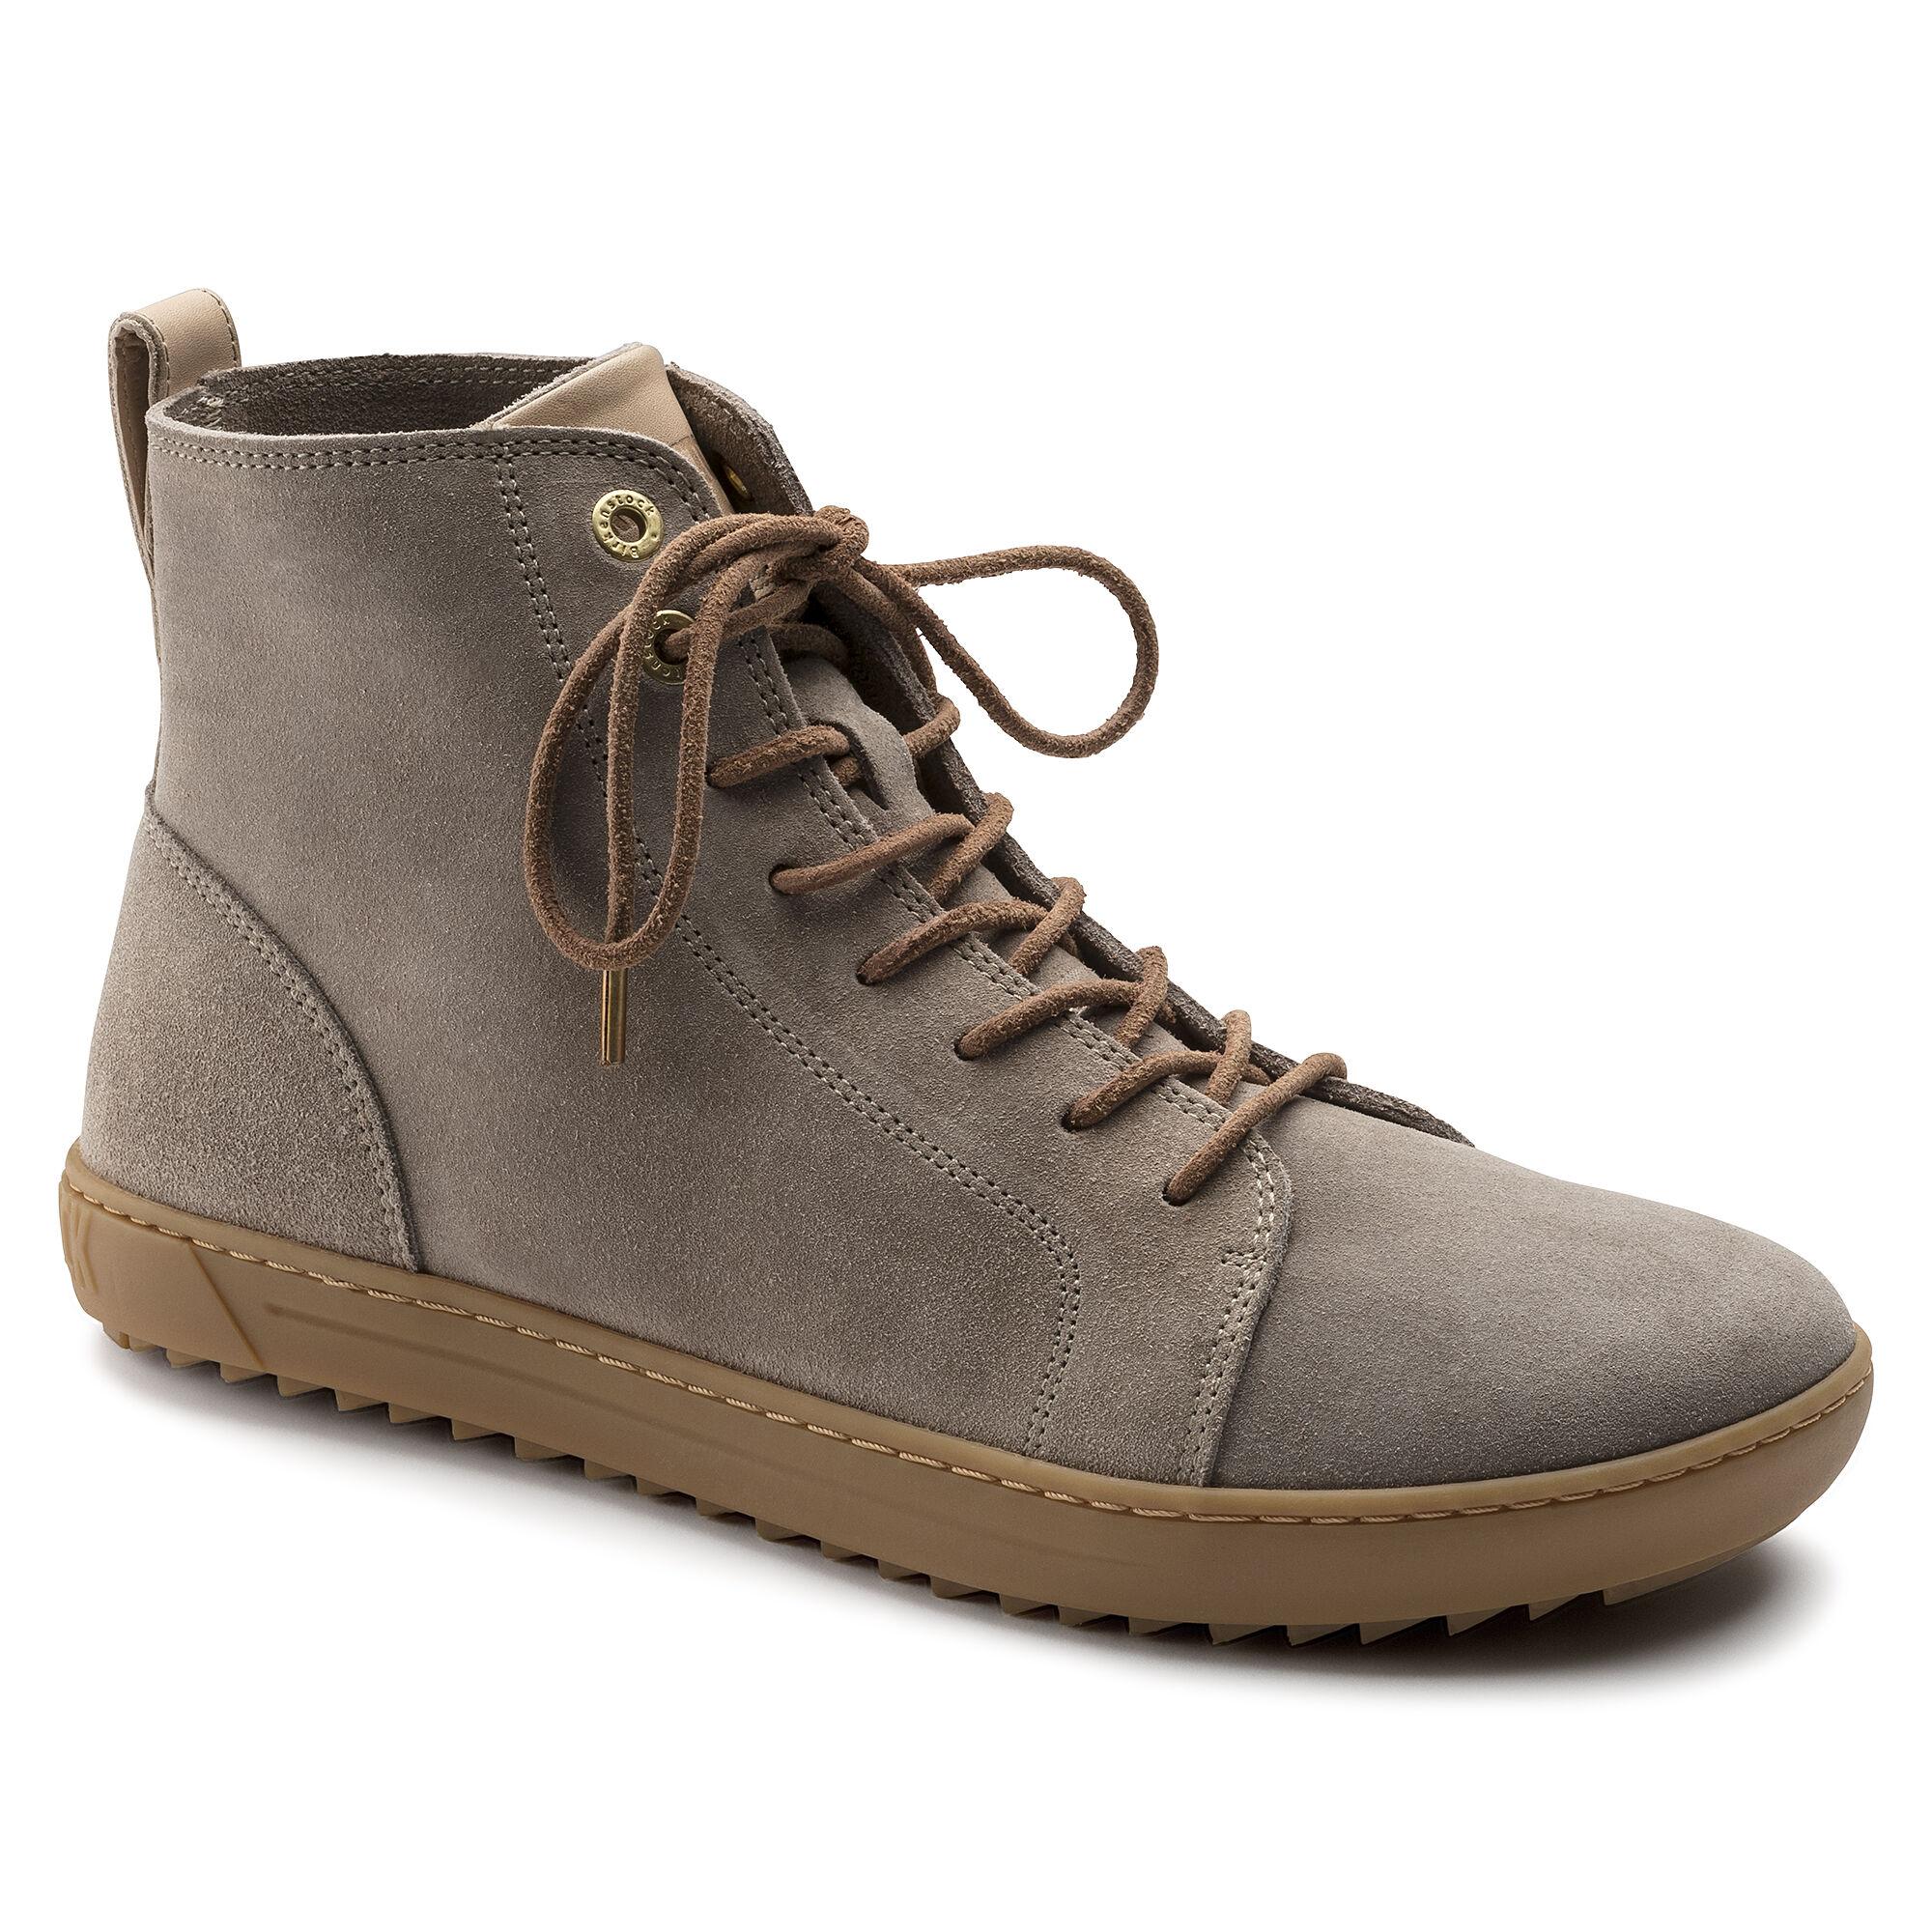 7ffe439df1bd Artikelbeschreibung  Der BIRKENSTOCK Bartlett für Damen bietet sportlichen  Komfort in einem klassischen knöchelhohen Sneaker.